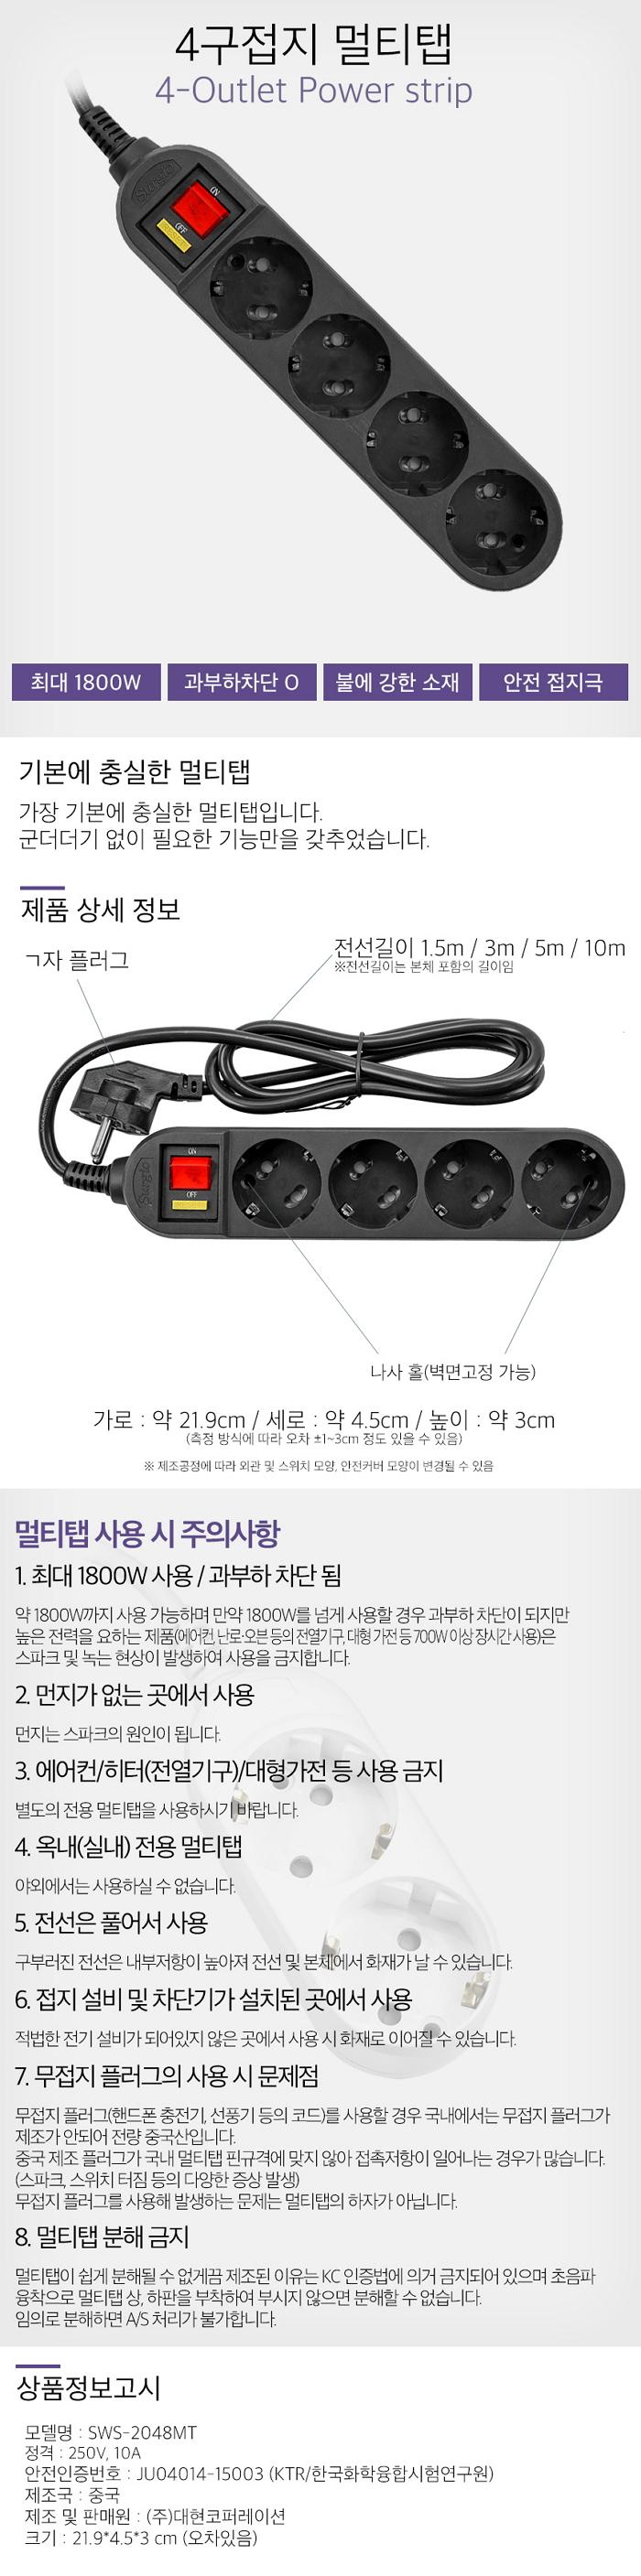 대현코퍼레이션 써지오 5구 10A 메인 스위치 멀티탭 신형 (5m)